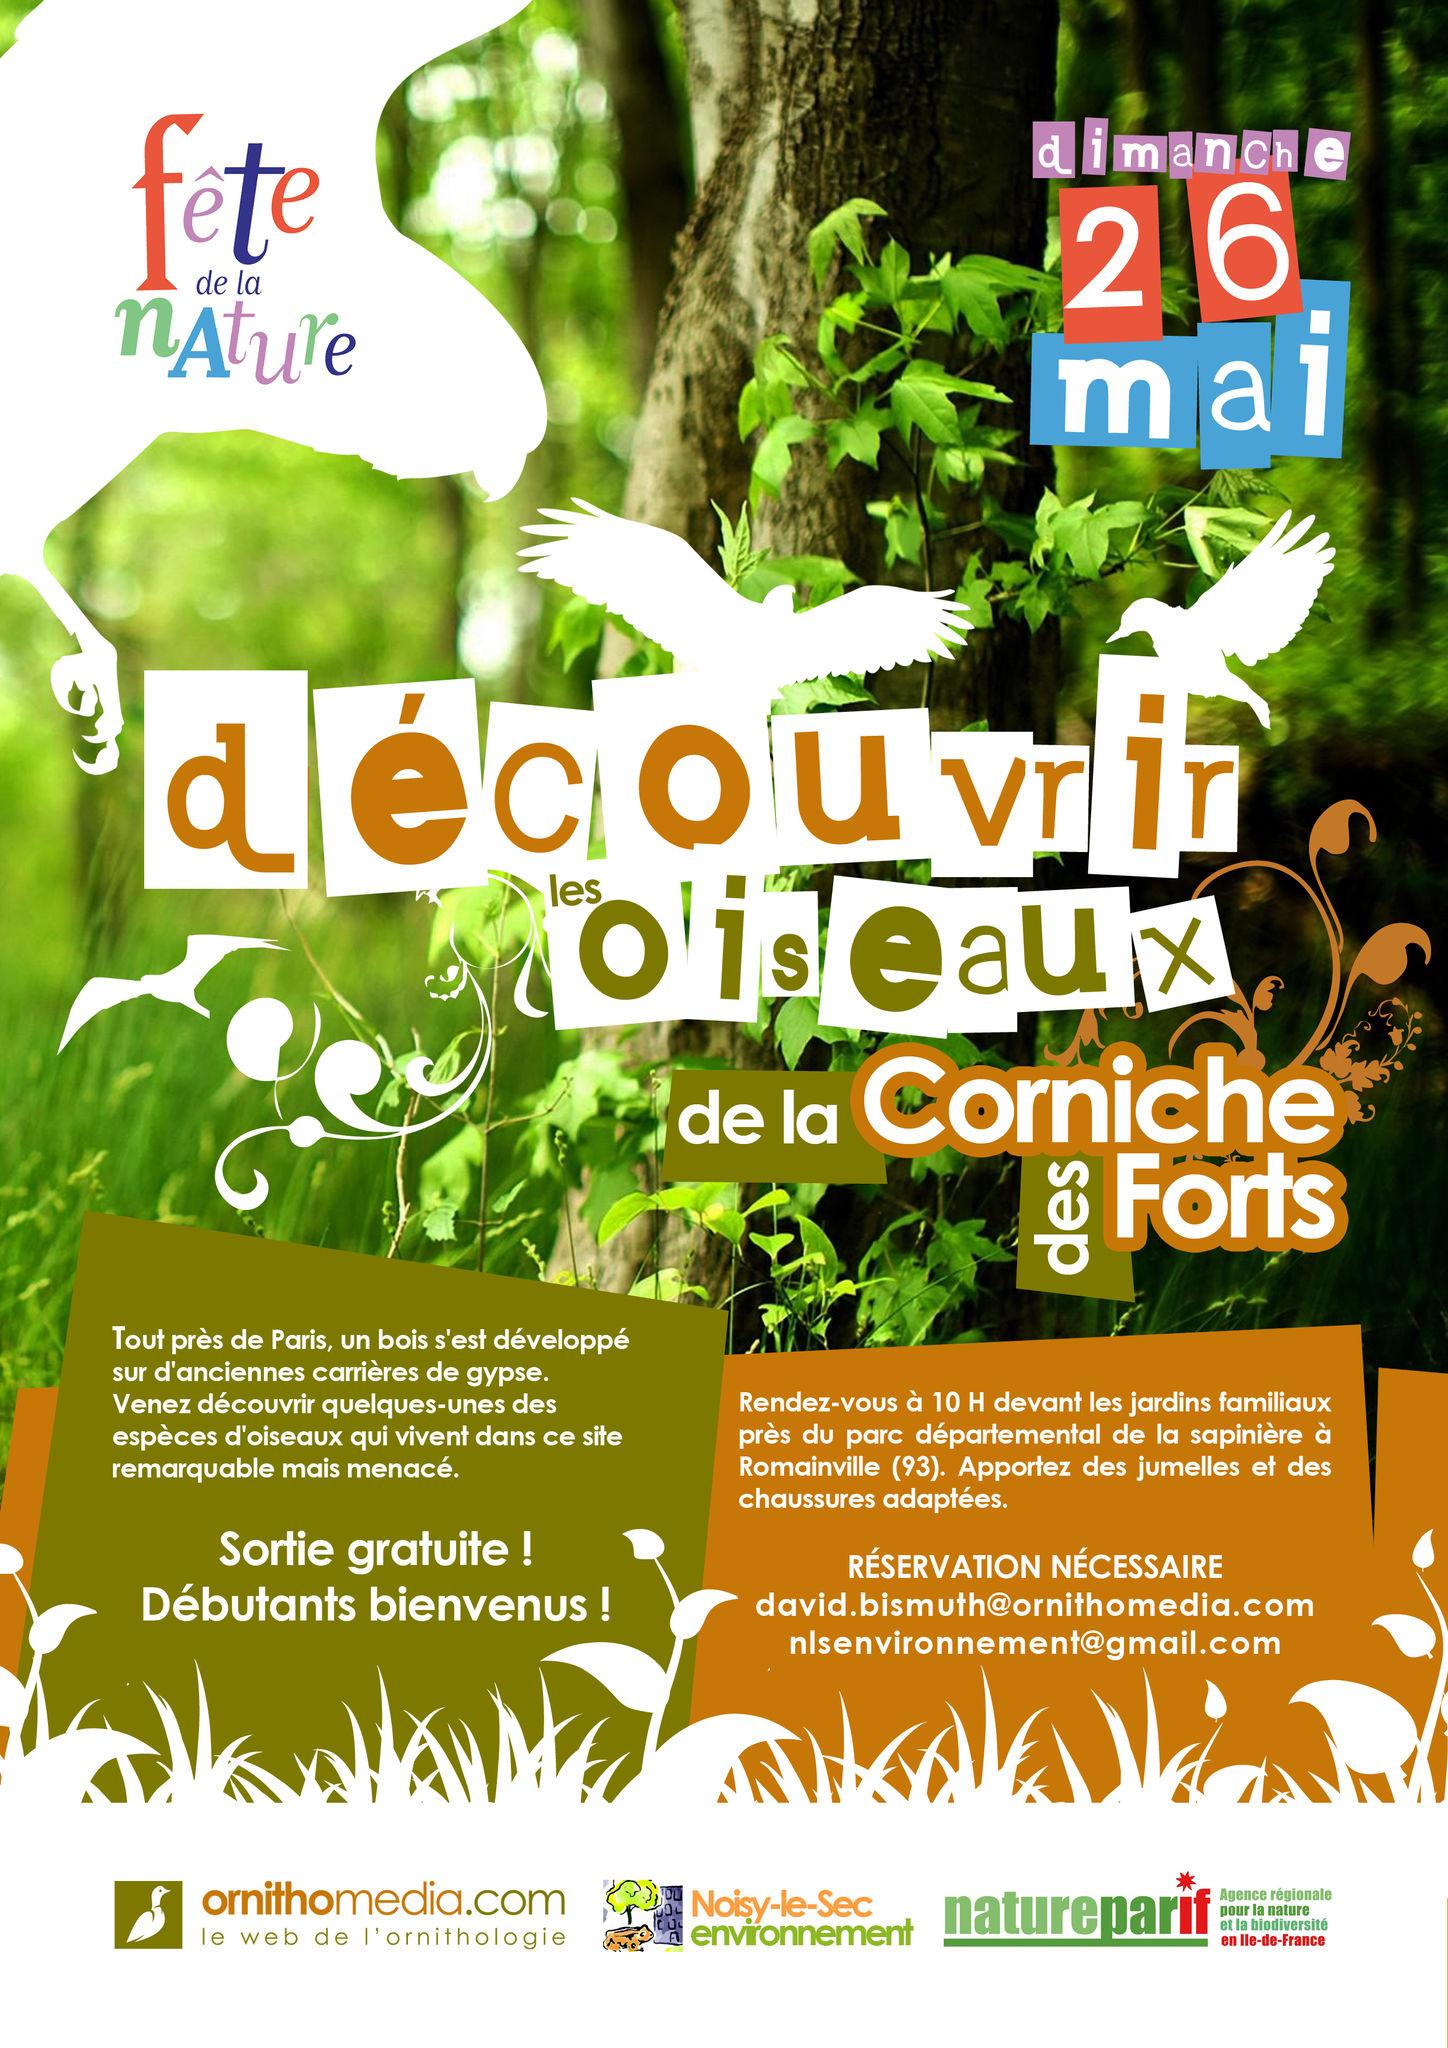 affiche_fete_de_la_nature